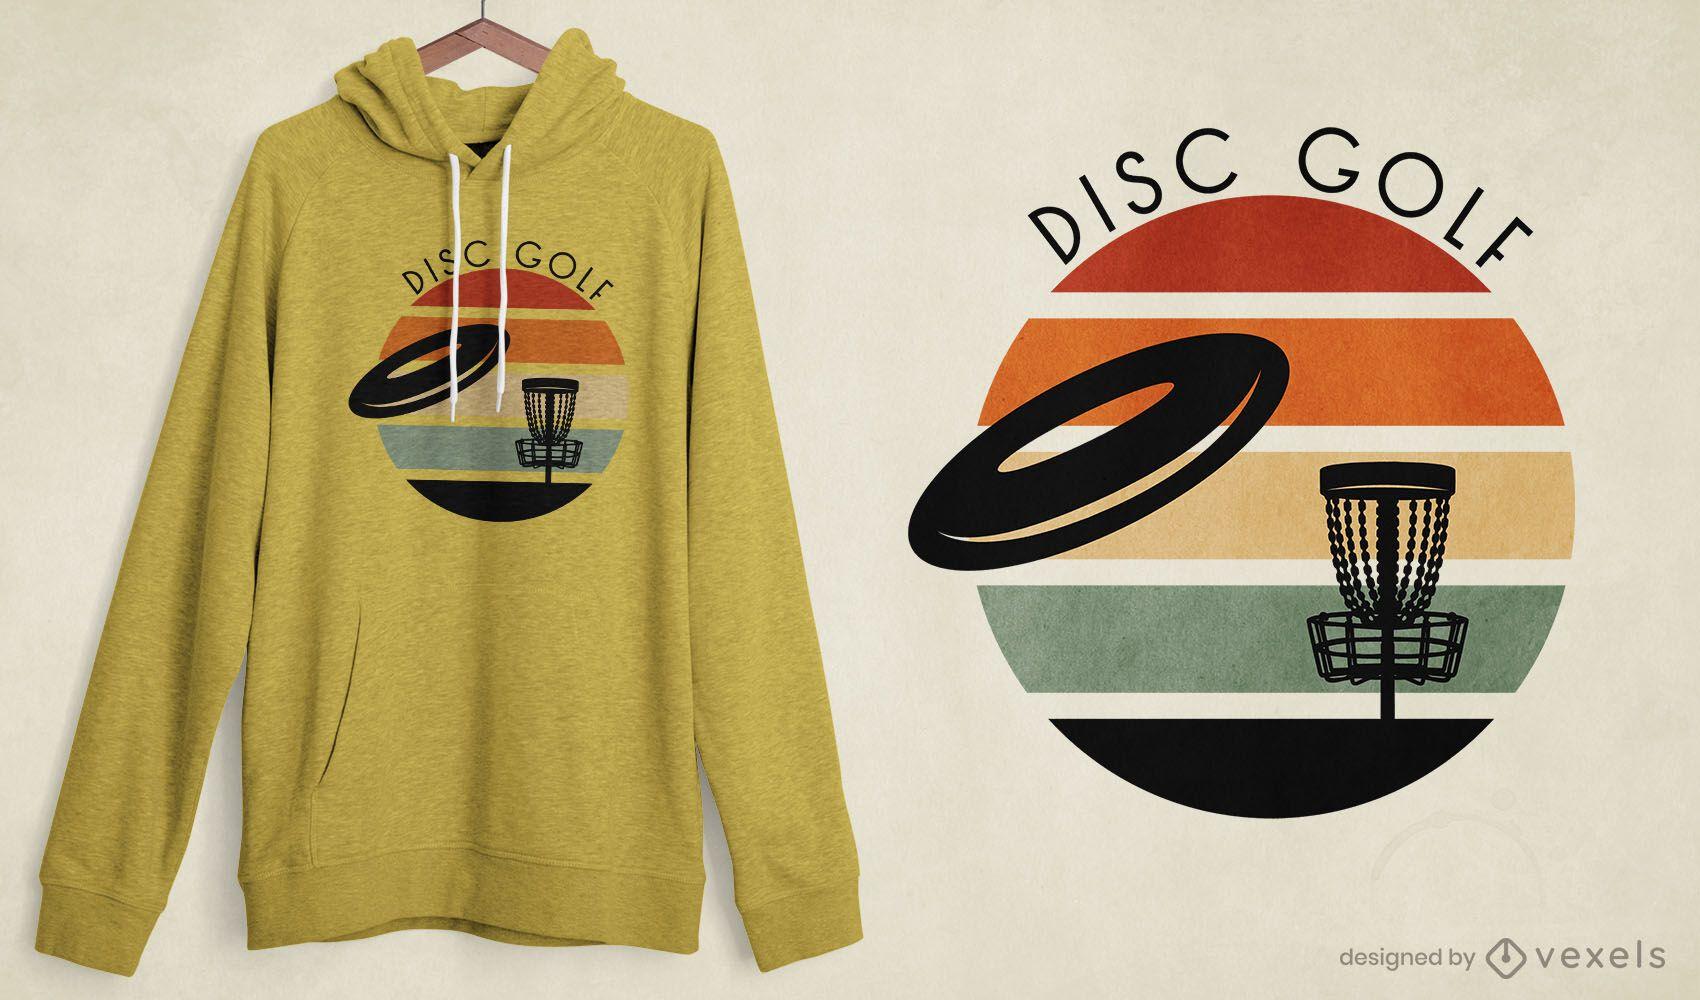 Disc golf t-shirt design